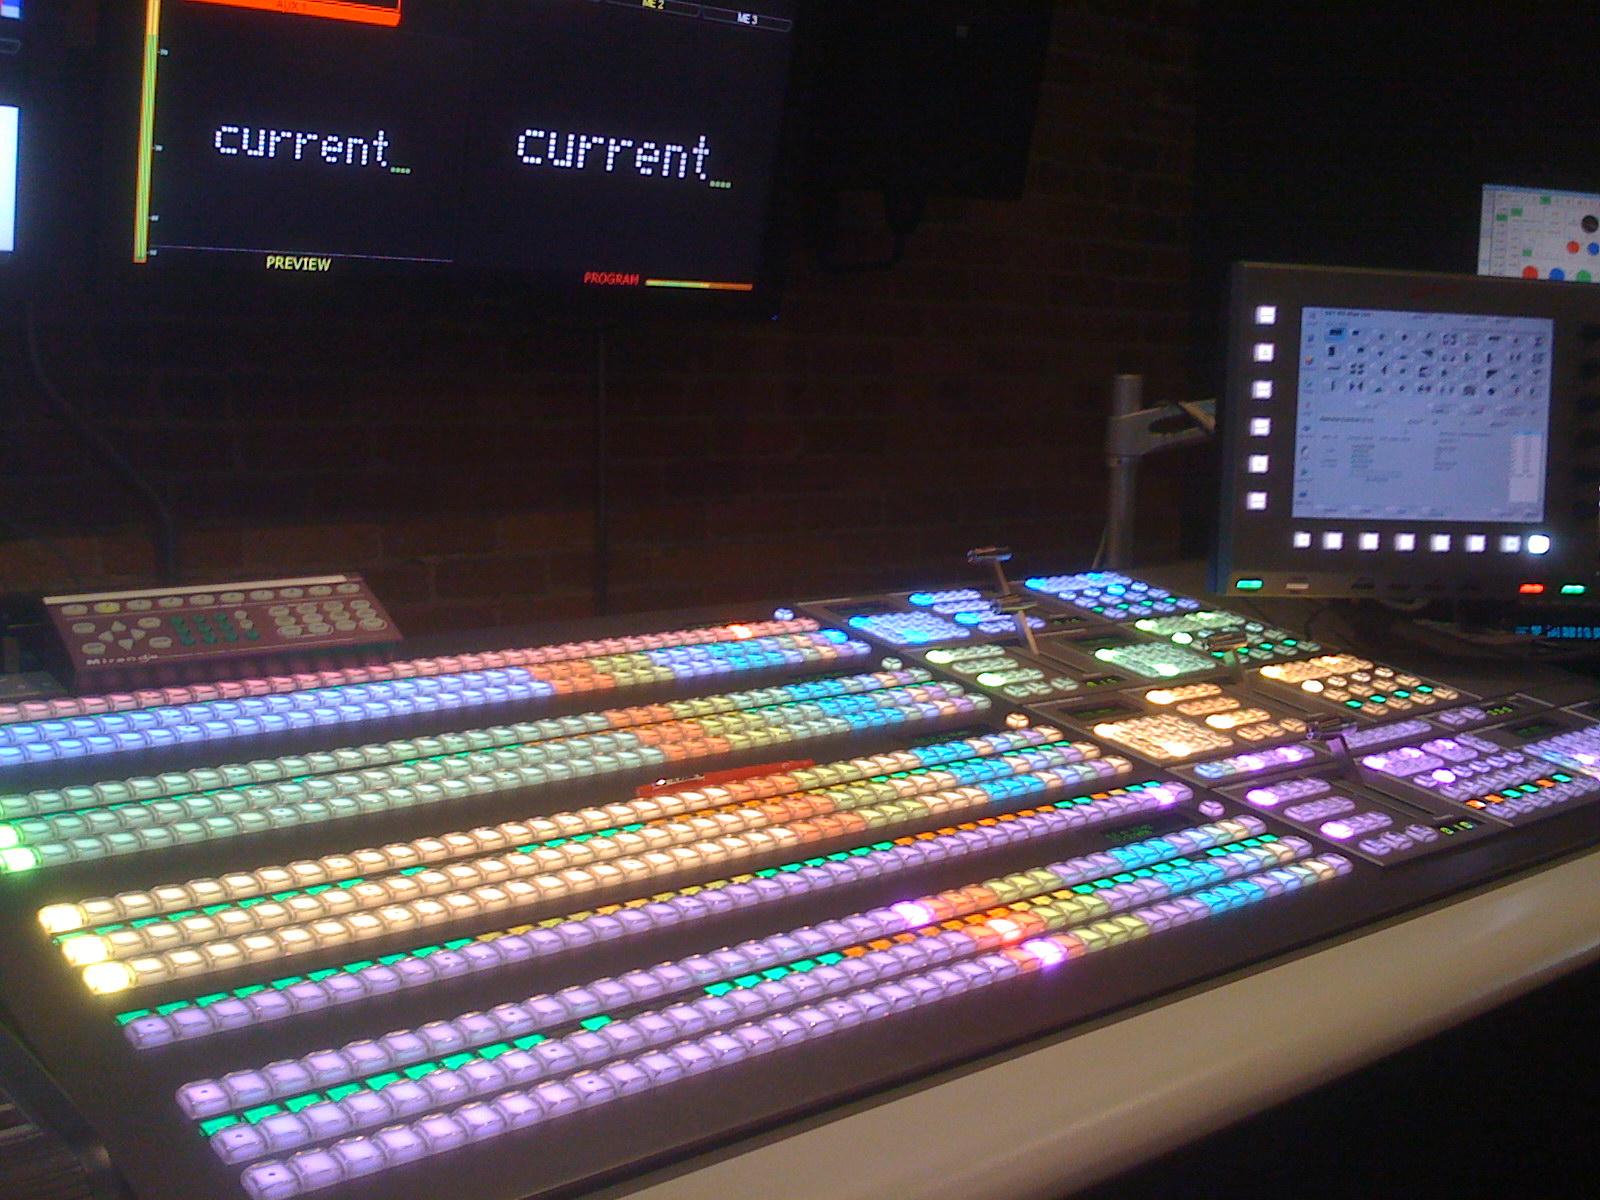 Vision mixer - Wikipedia